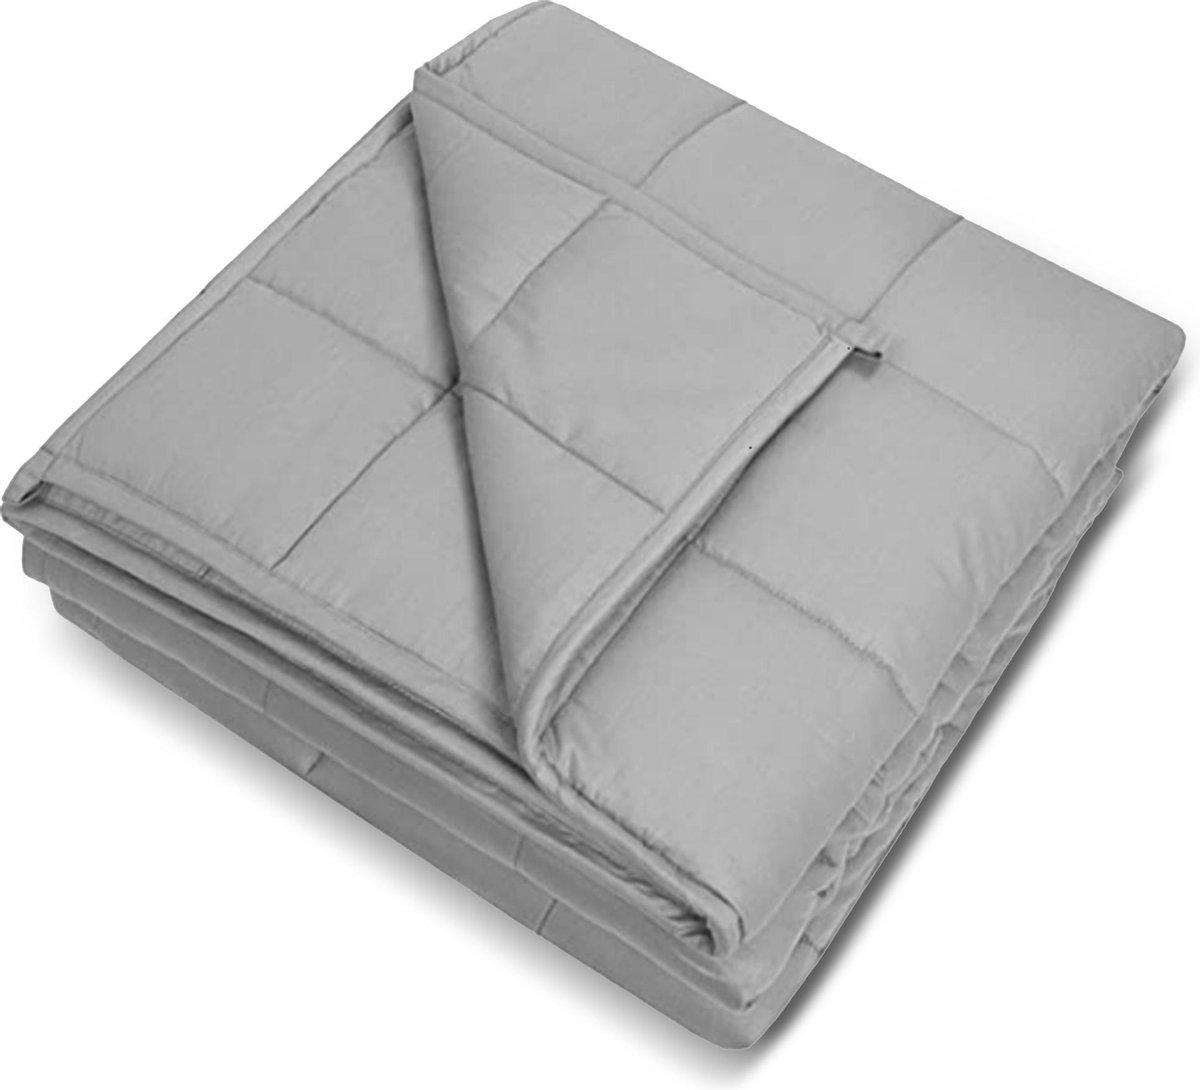 Verzwaringsdeken 8 KG - Weighted Blanket - Verzwaard Deken - Kalmeringsdeken - Voor Een Betere Slaap